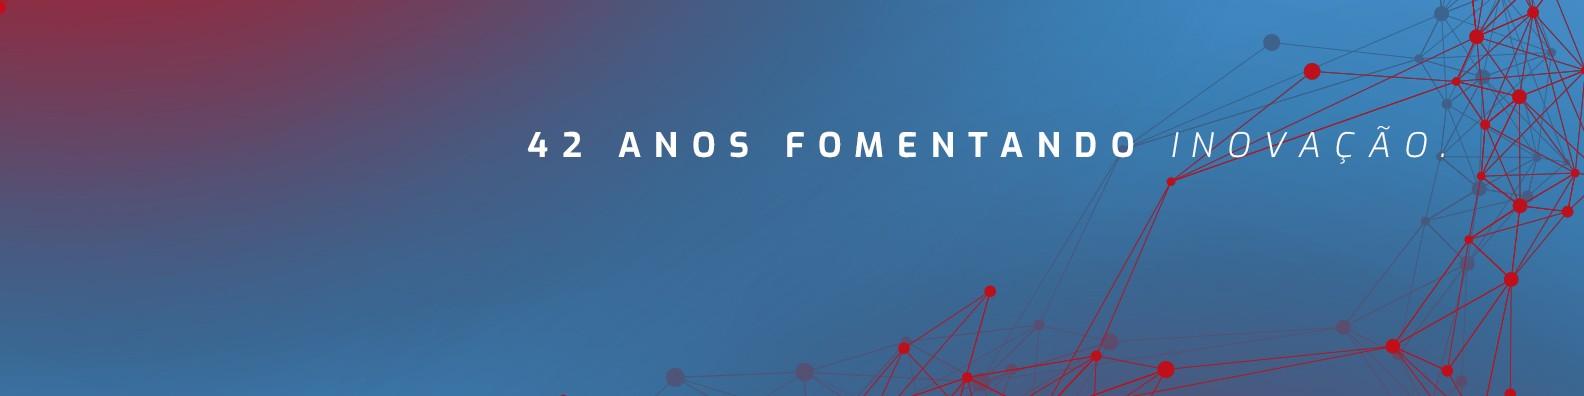 bd40d305b Imagem de capa da Assespro-PR - Associação das Empresas Brasileiras de  Tecnologia da Informação